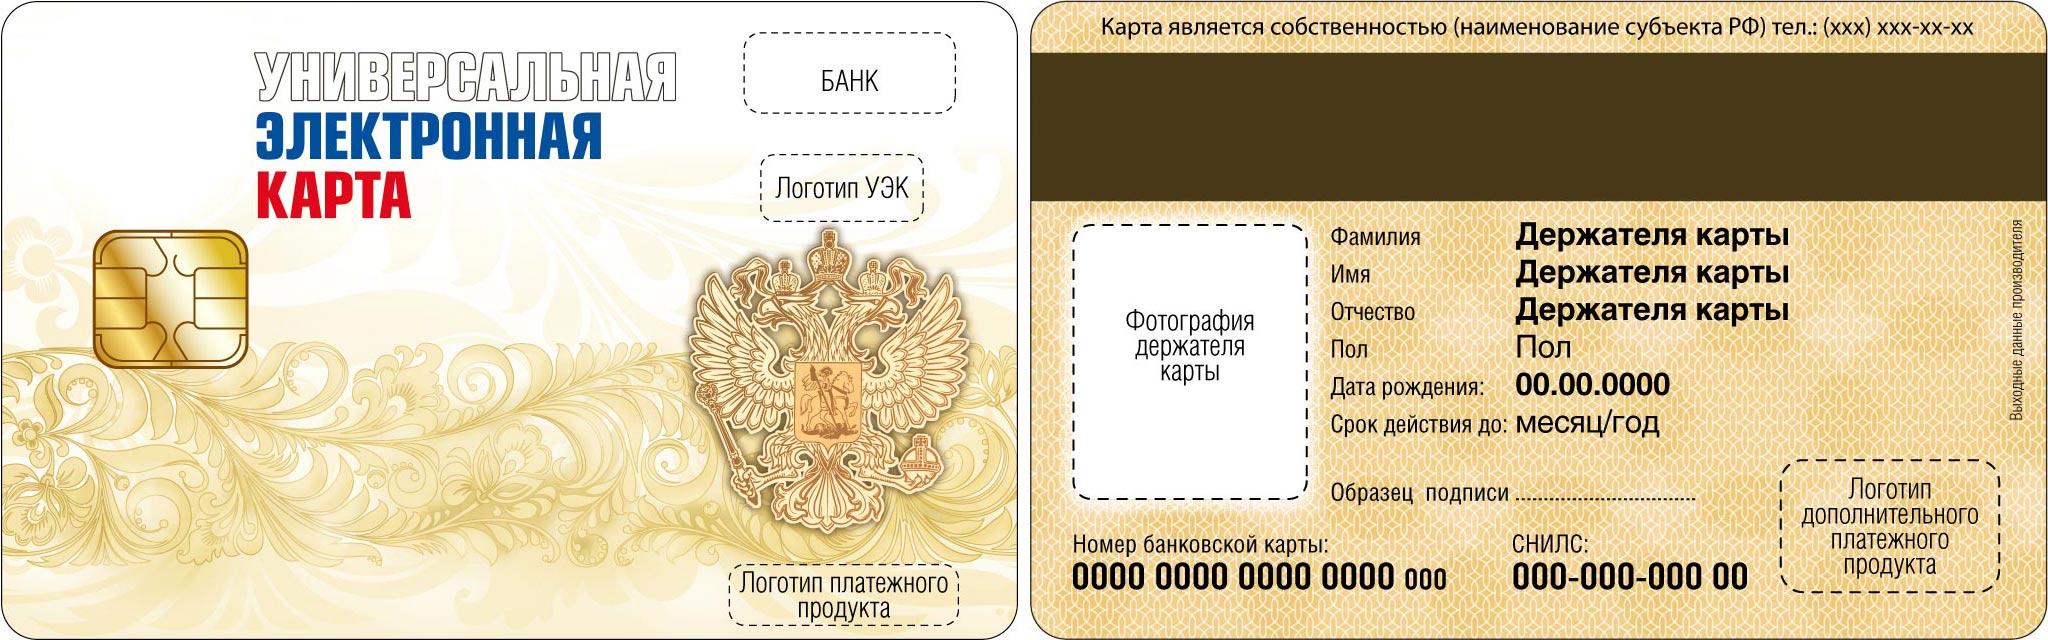 Универсальные карты россиян